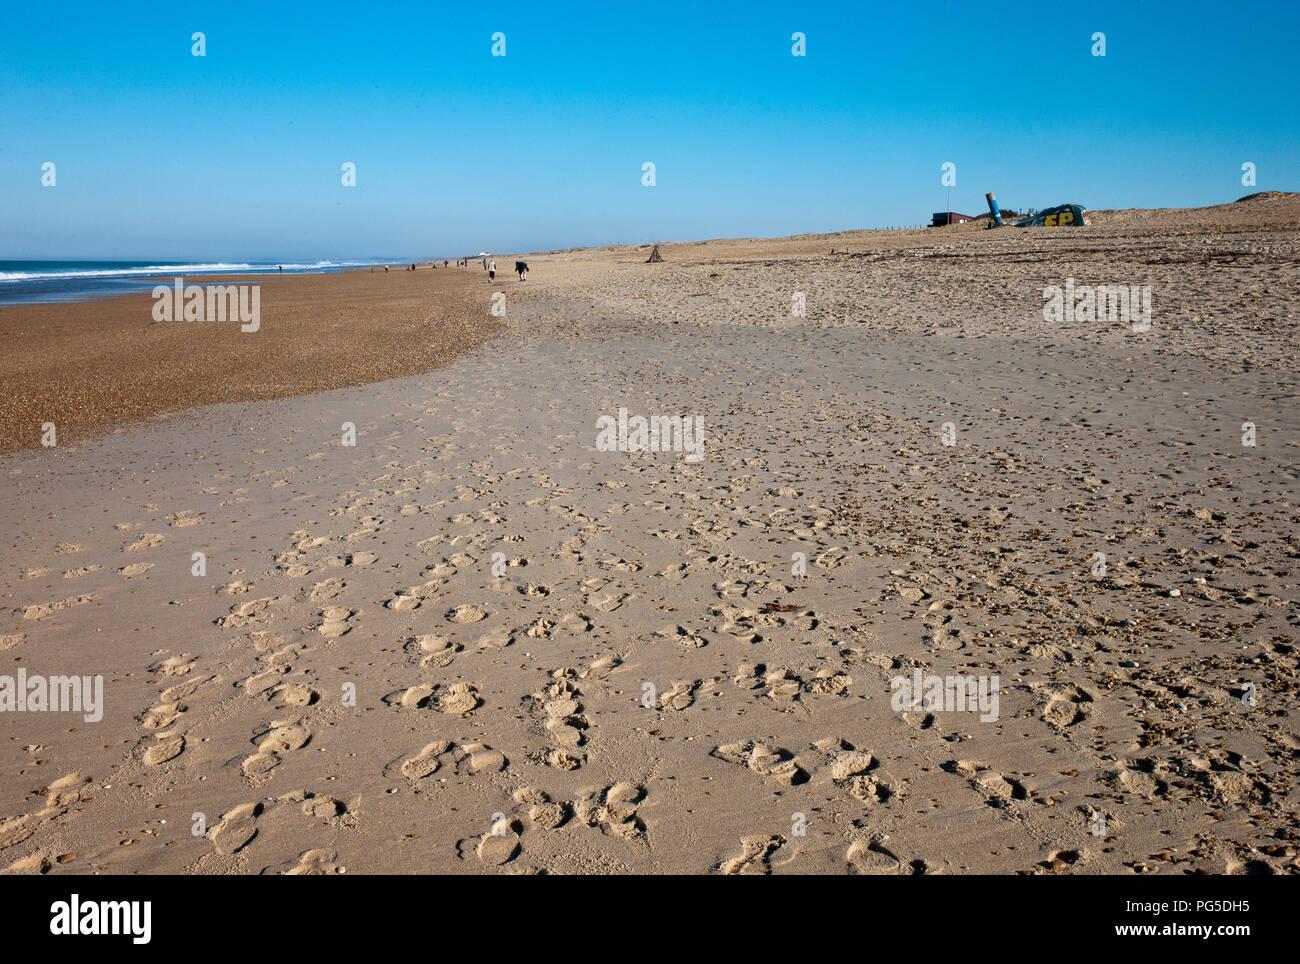 Die laufen in der Sonne am Strand von Tarnos Plage, am Golf von Biskaya, Landes, Nouvelle-Aquitaine, Frankreich, Europa am Weihnachtstag Stockbild